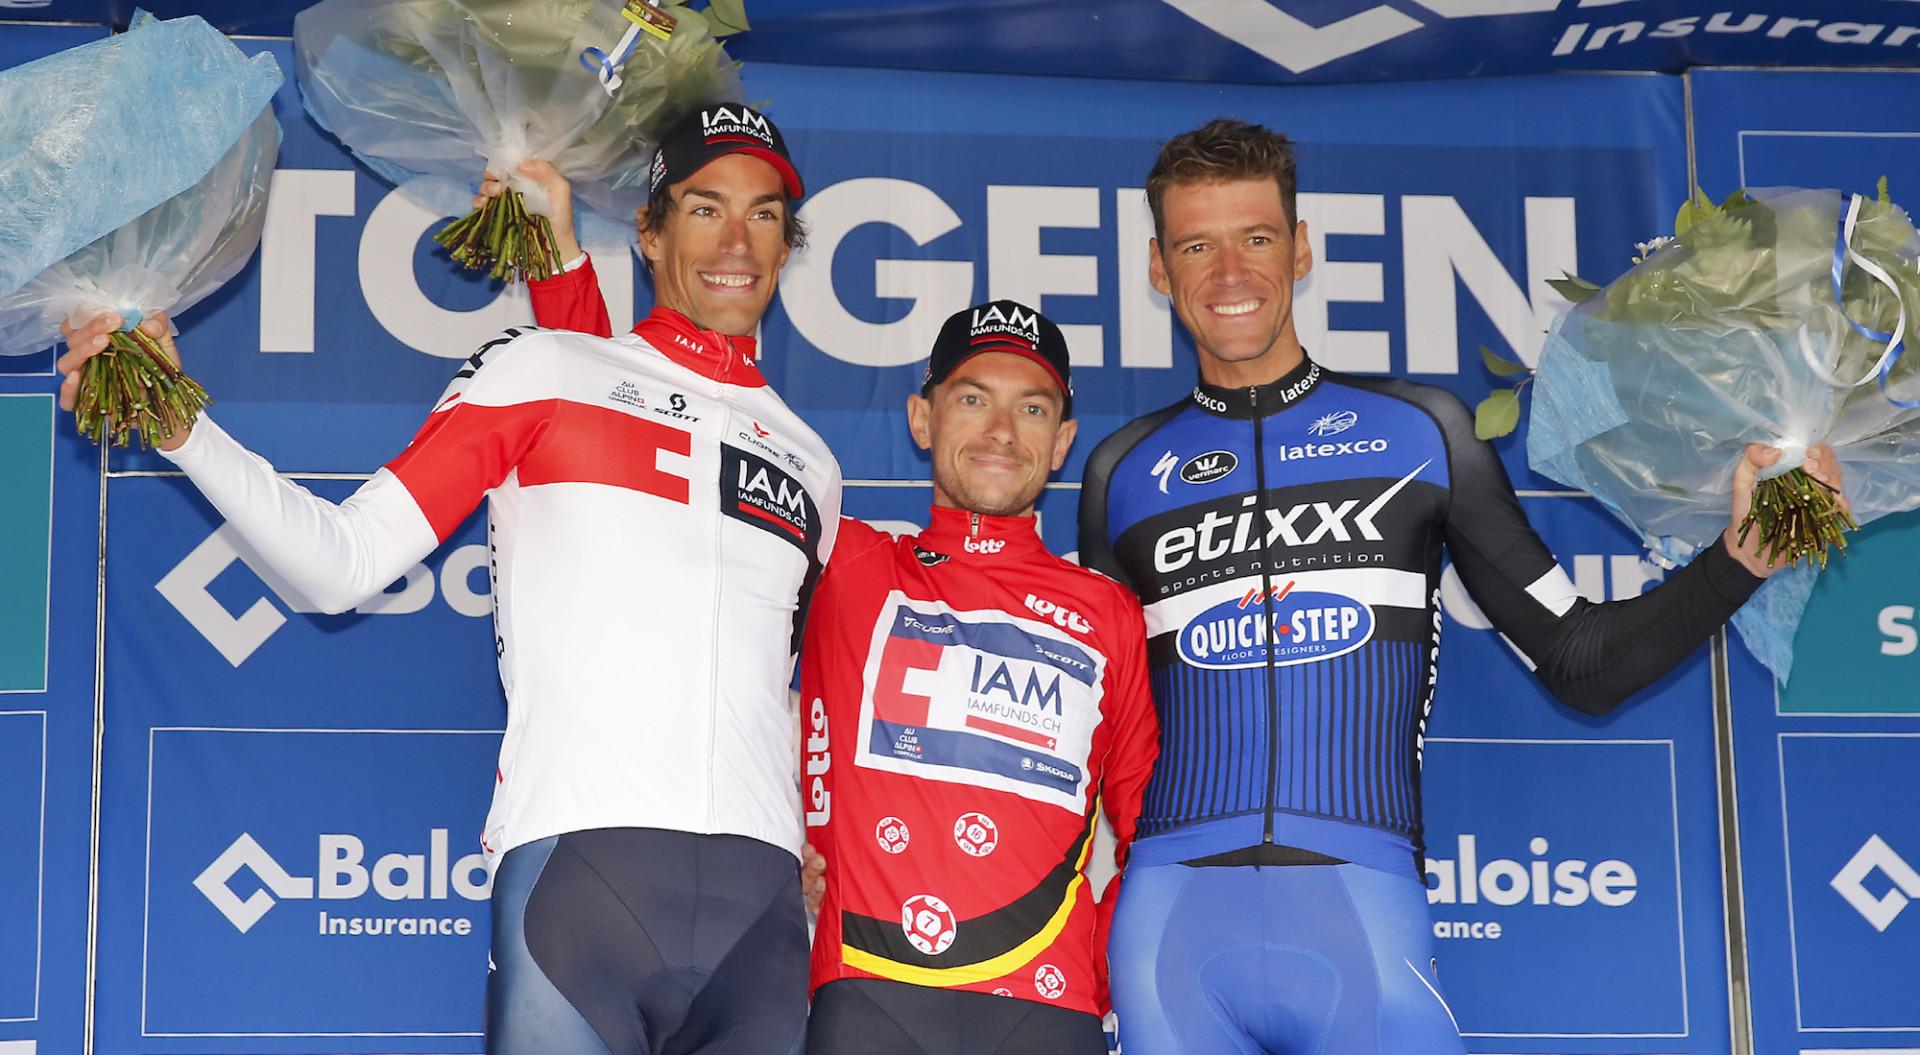 Baloise Belgium Tour – Doppelschlag für IAM Cycling in der Gesamtwertung